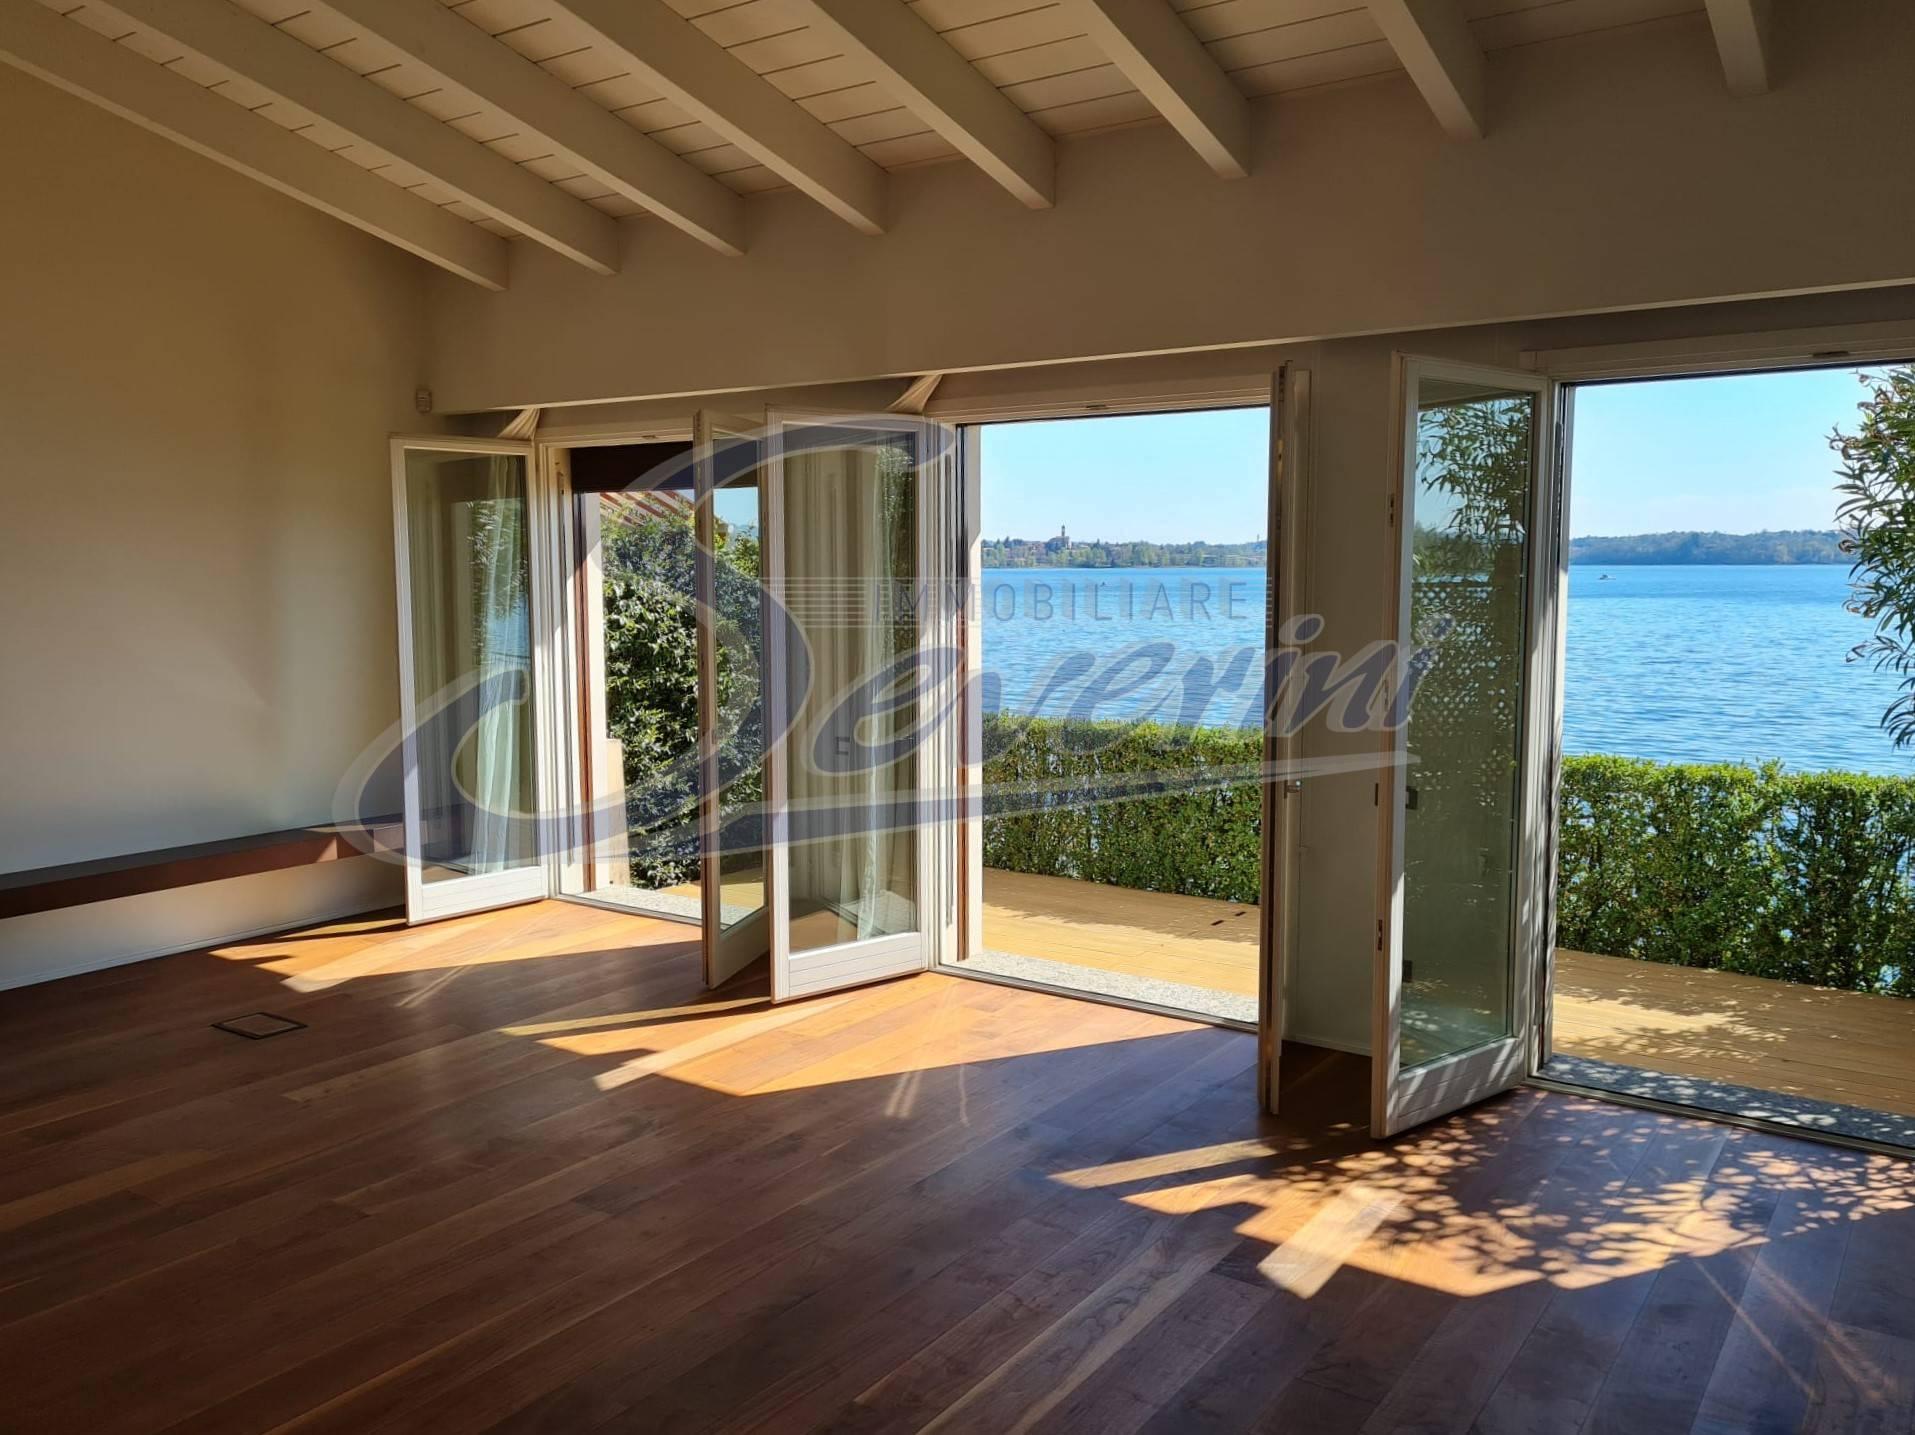 Appartamento in vendita a Pusiano, 3 locali, prezzo € 550.000   PortaleAgenzieImmobiliari.it